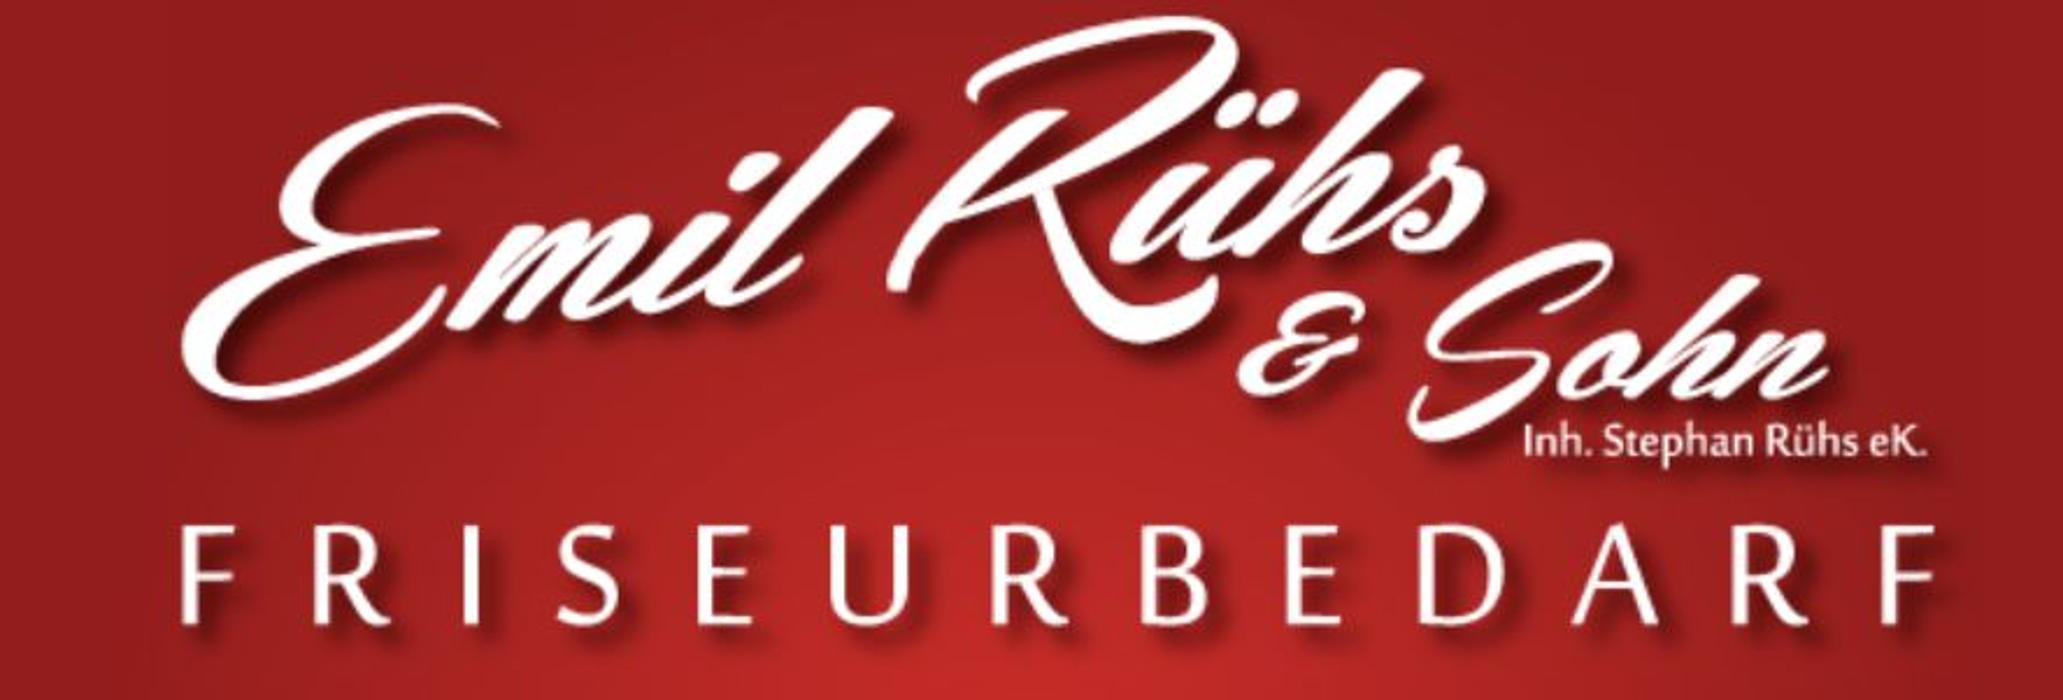 Bild zu Emil Rühs & Sohn Friseurbedarf in Kiel